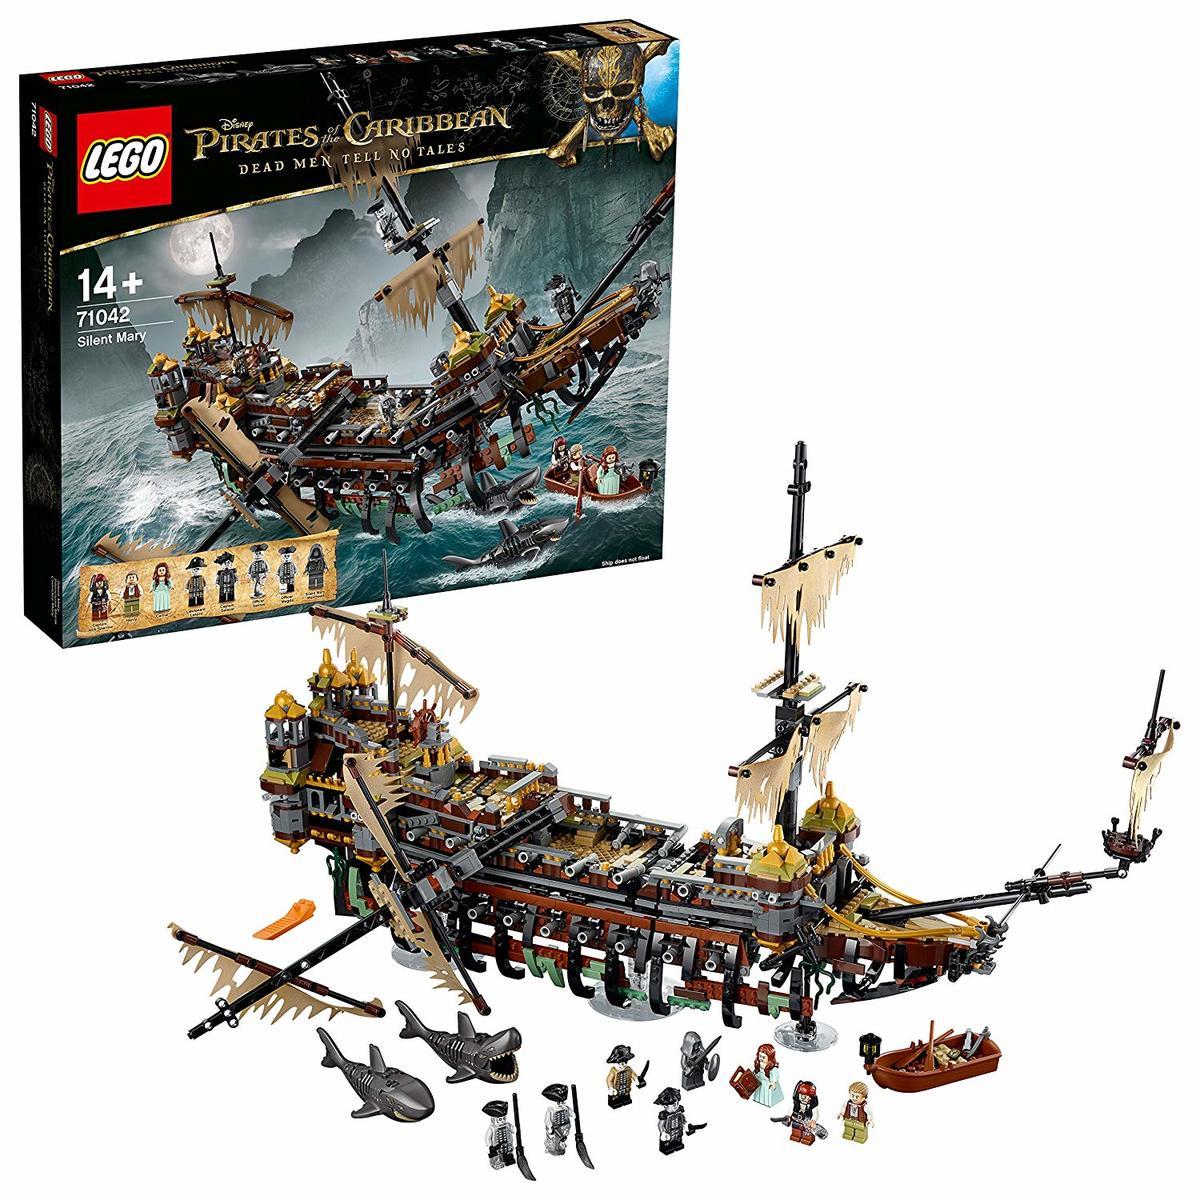 【送料無料 新品】レゴ(LEGO)パイレーツオブカリビアン サイレント・メアリー号 71042